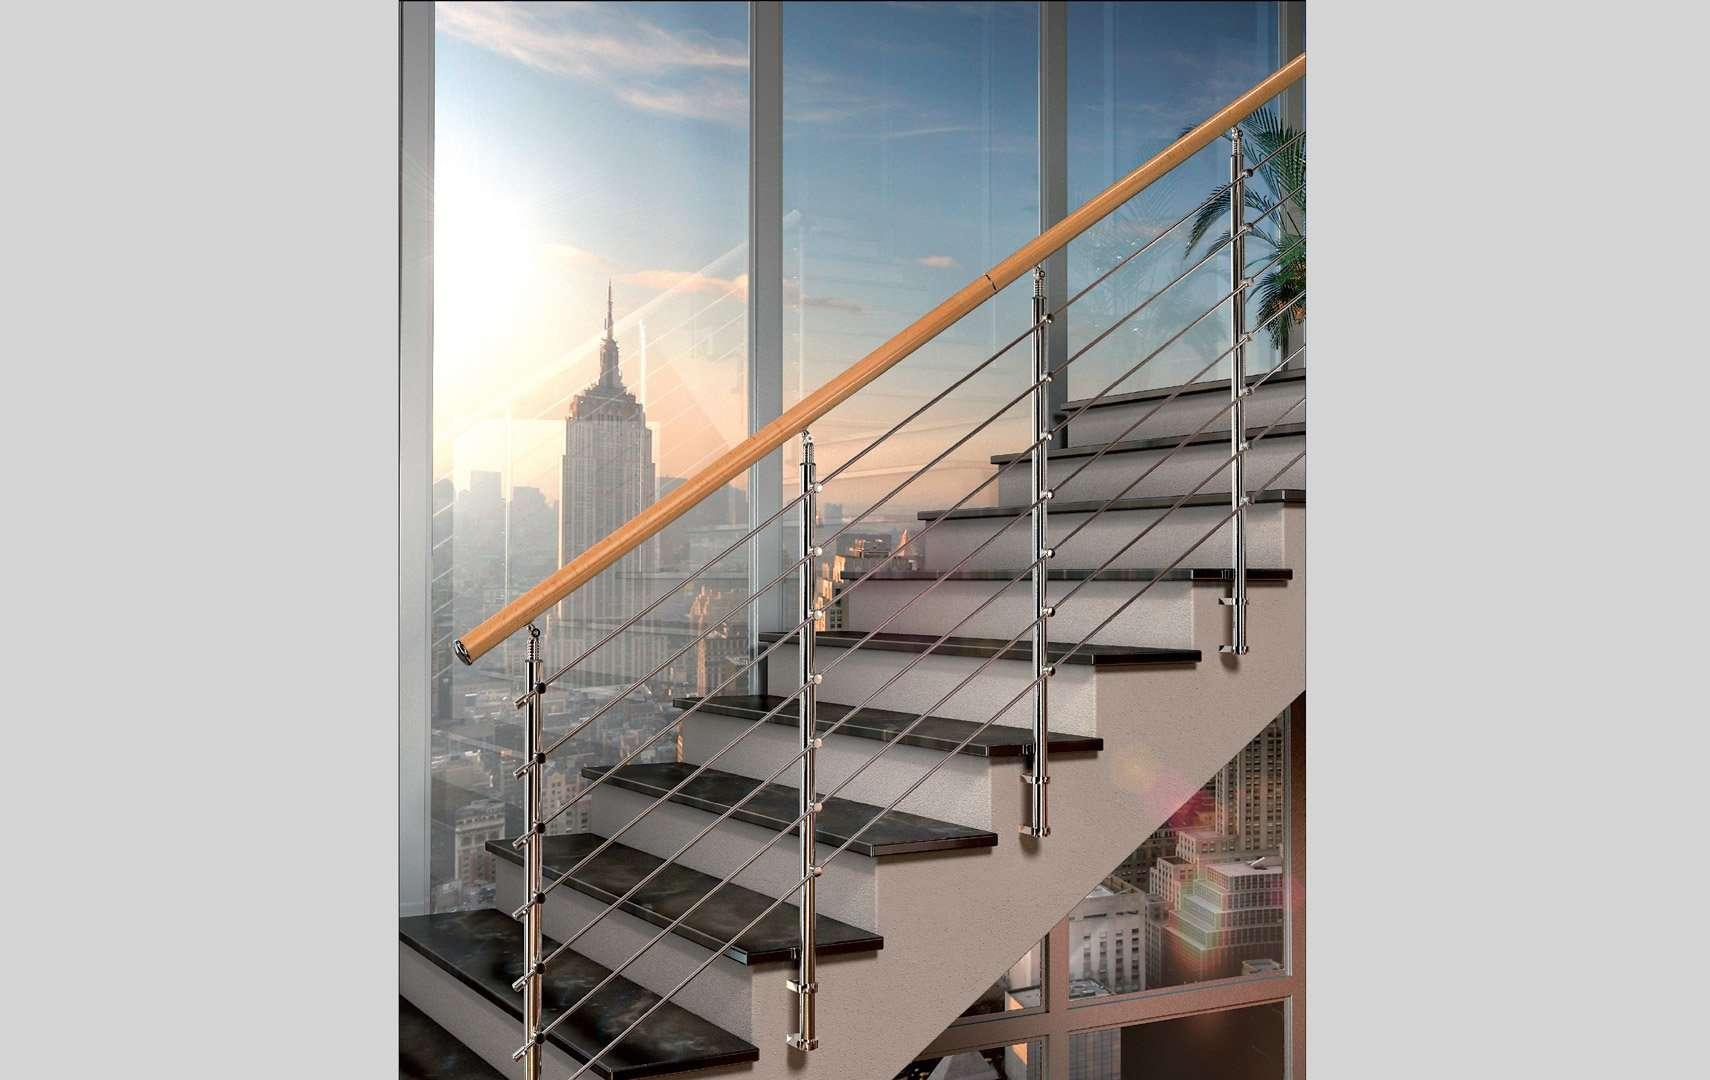 Chrome ringhiere per scale interne le puoi trovare in legno e in vetro - Ringhiere scale interne in legno ...